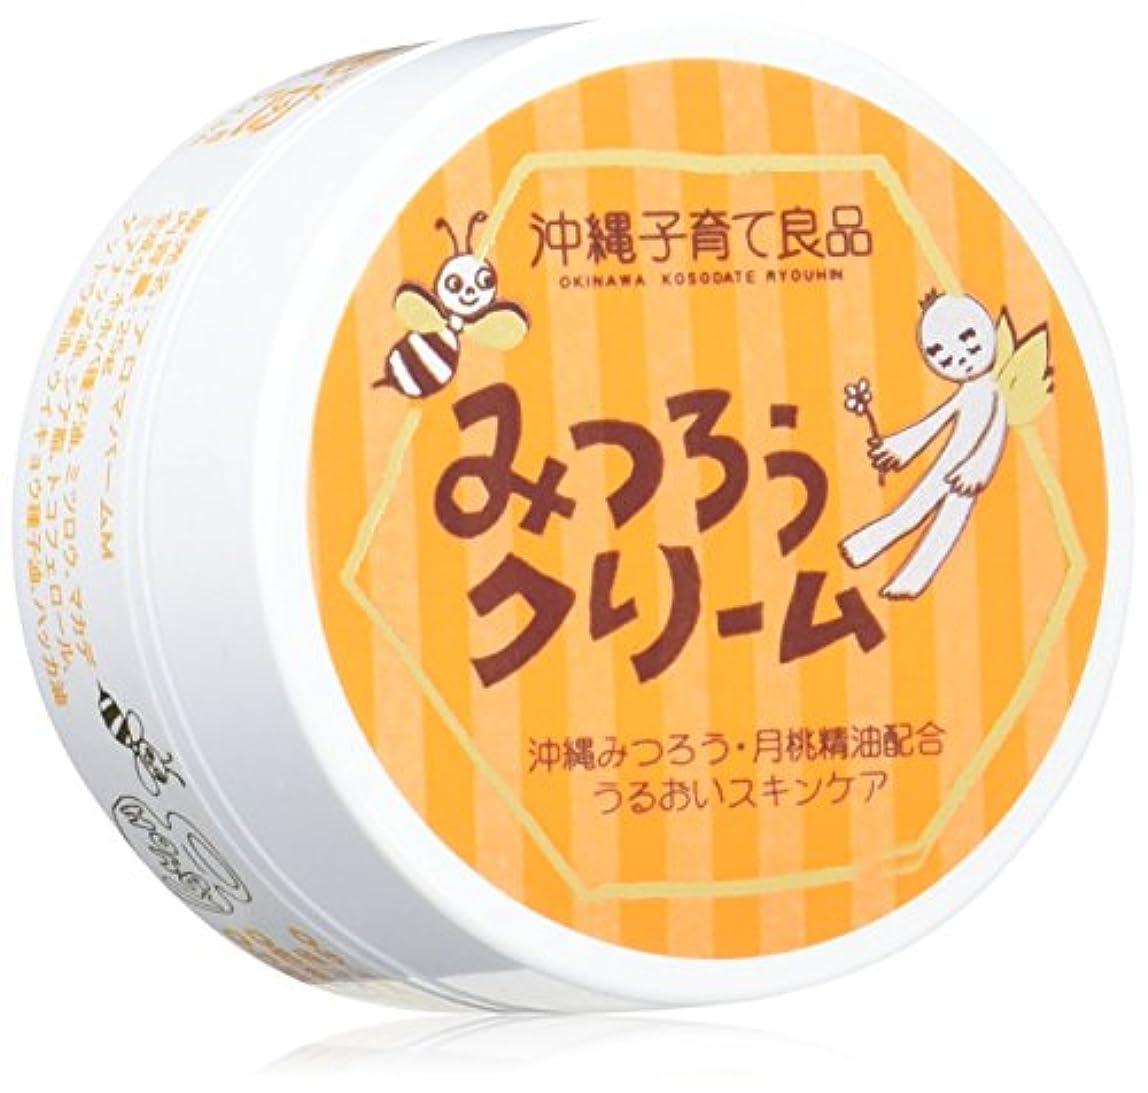 カウントアップジャンク目を覚ます沖縄子育て良品 みつろうクリーム (25g)